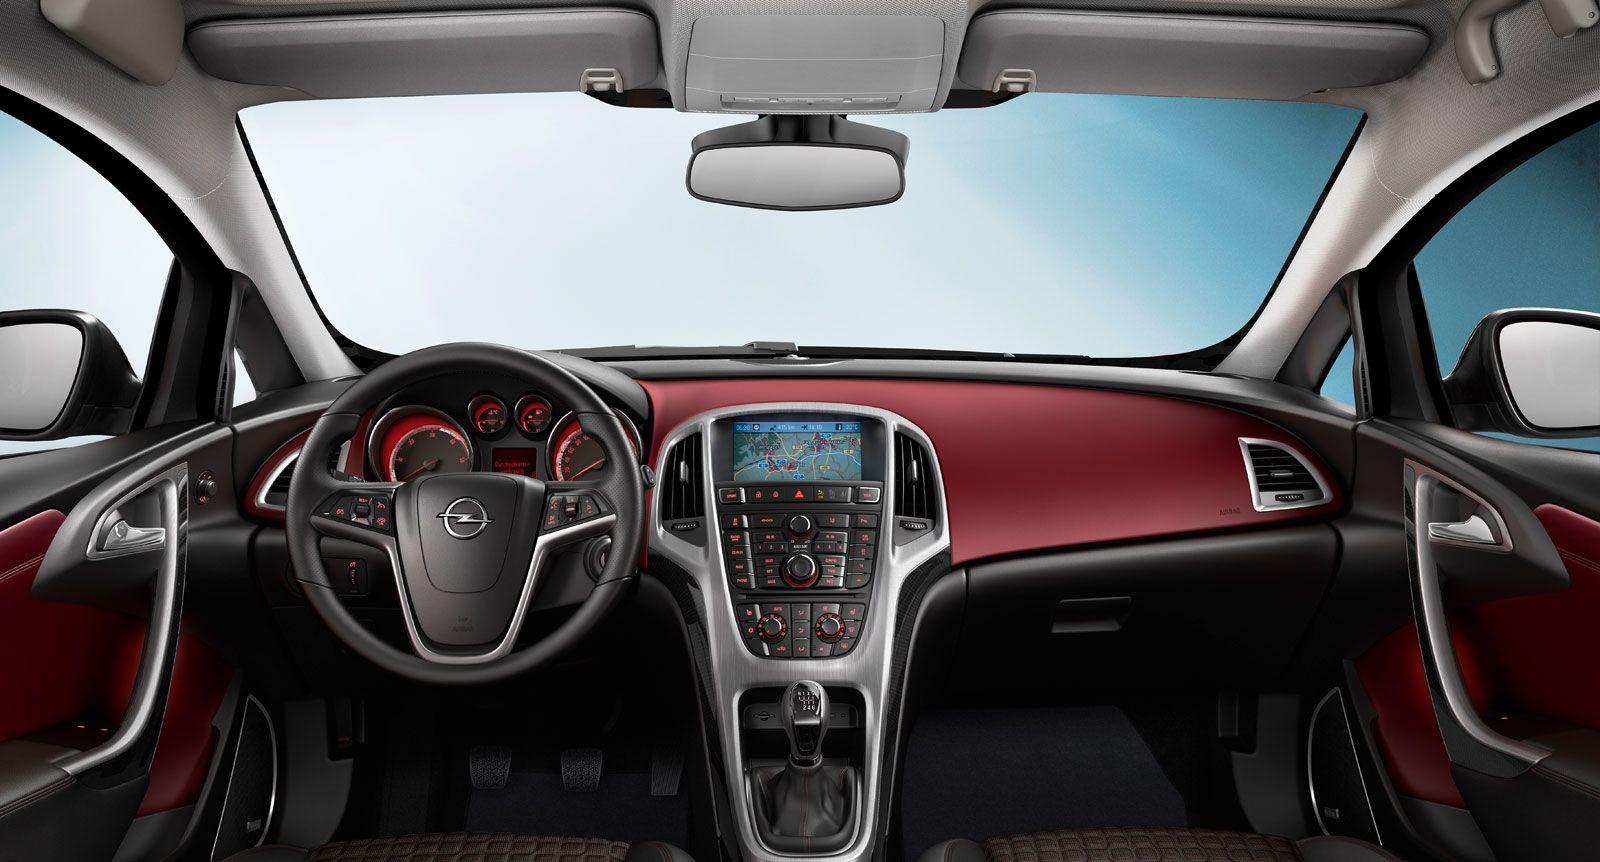 Opel Astra GTC - Interior | Opel Astra | Pinterest